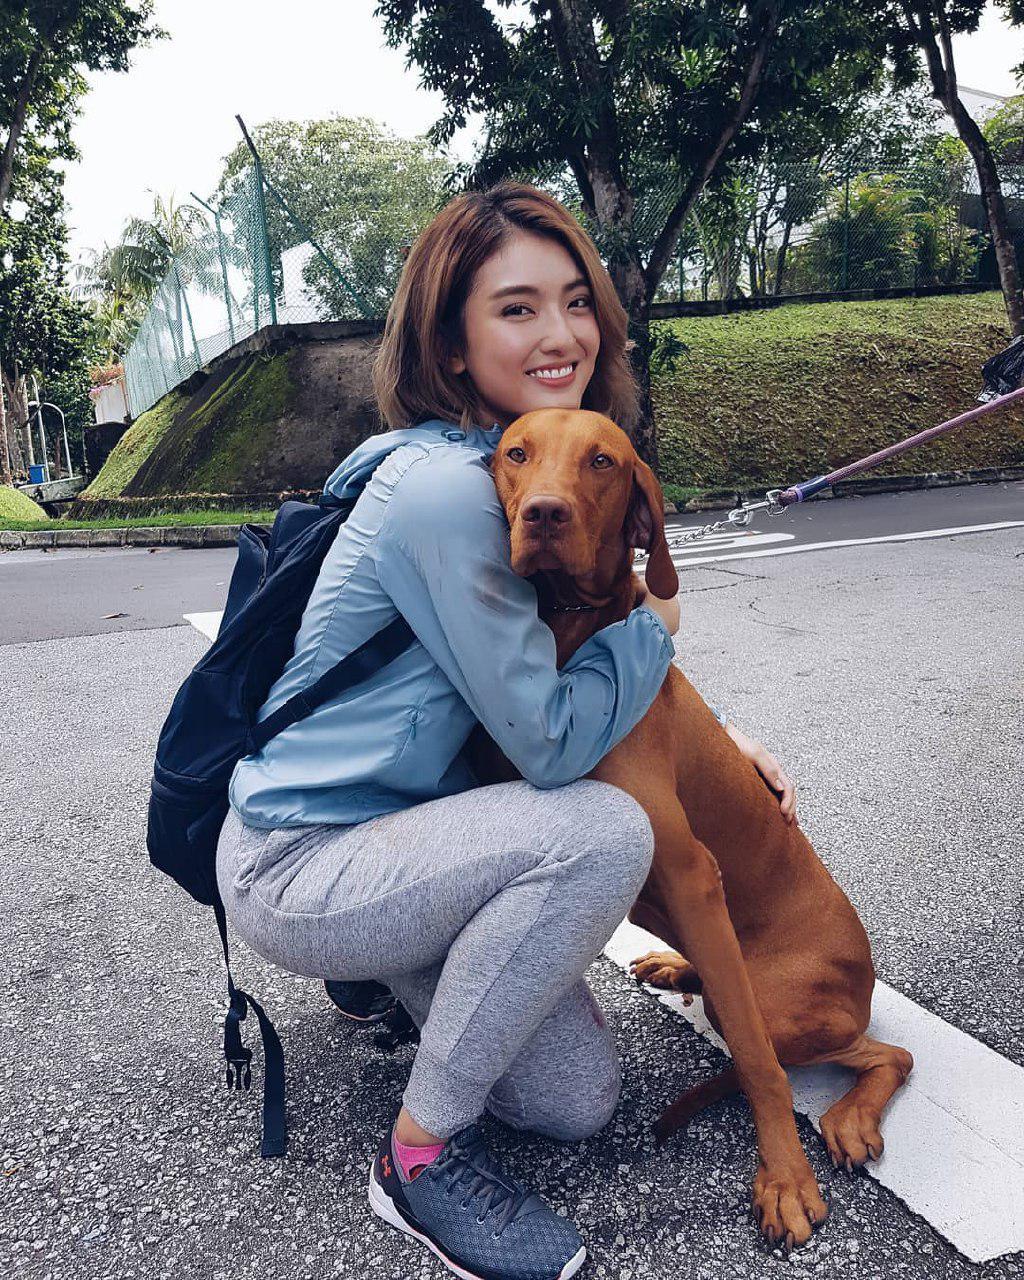 mediacorp actress hong ling